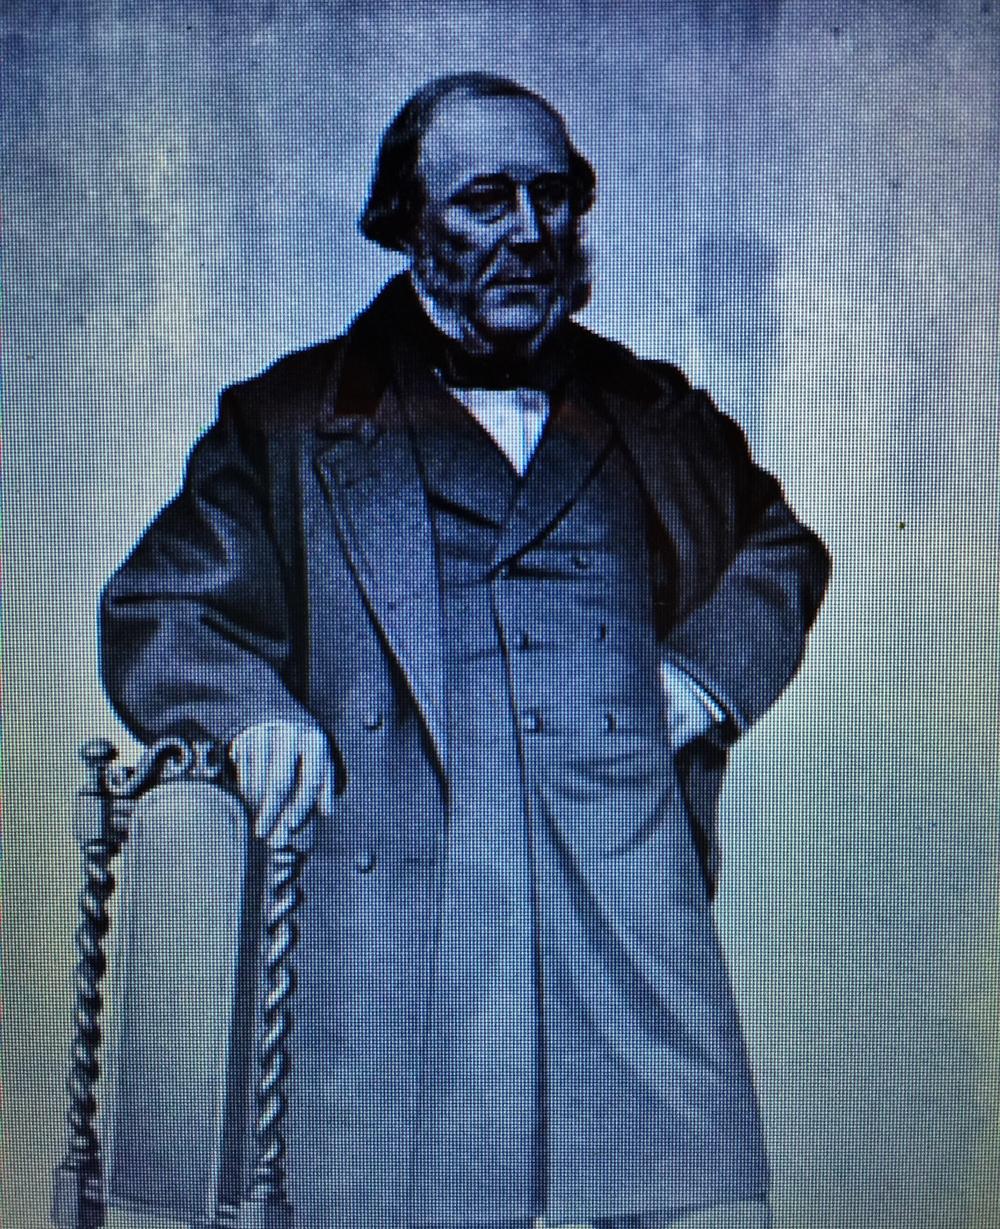 W.A. Matthews